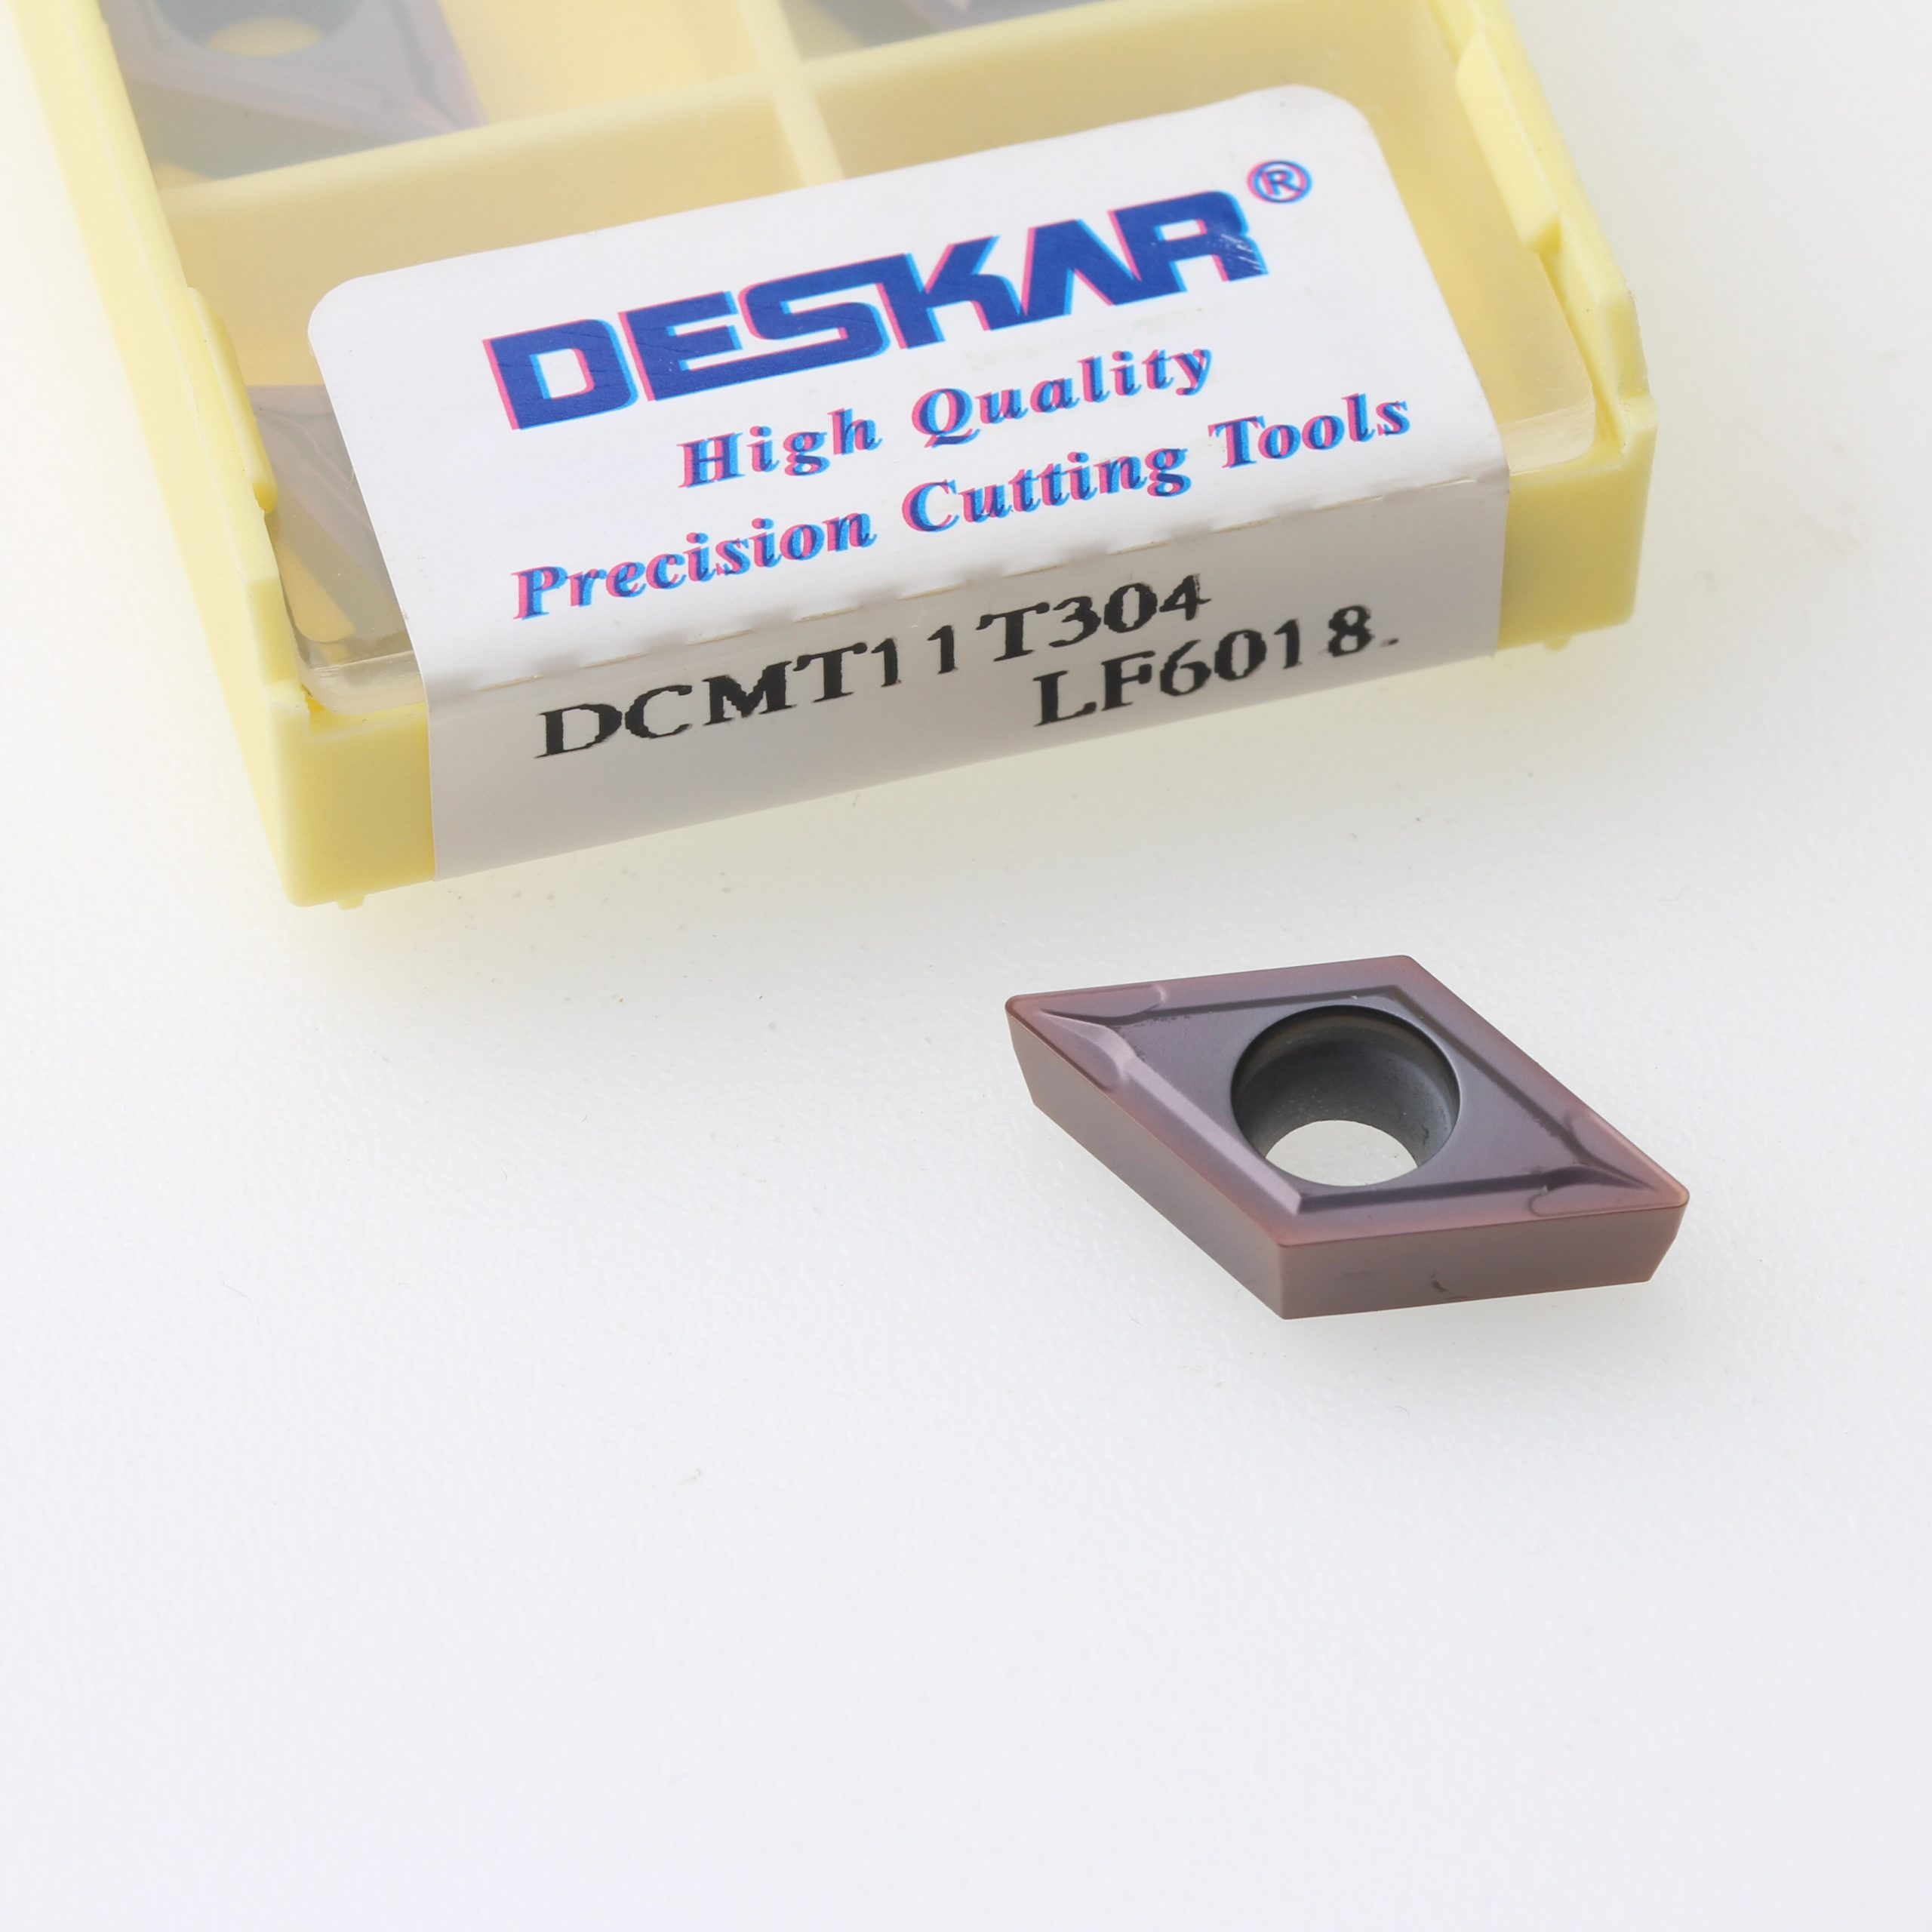 10PCS DESKAR DCMT070204-MV DCMT070208 MV DCMT11T304 DCMT11T308 LF6018 CNC Lathe Cutter Cutting Carbide Inserts Turning Tools